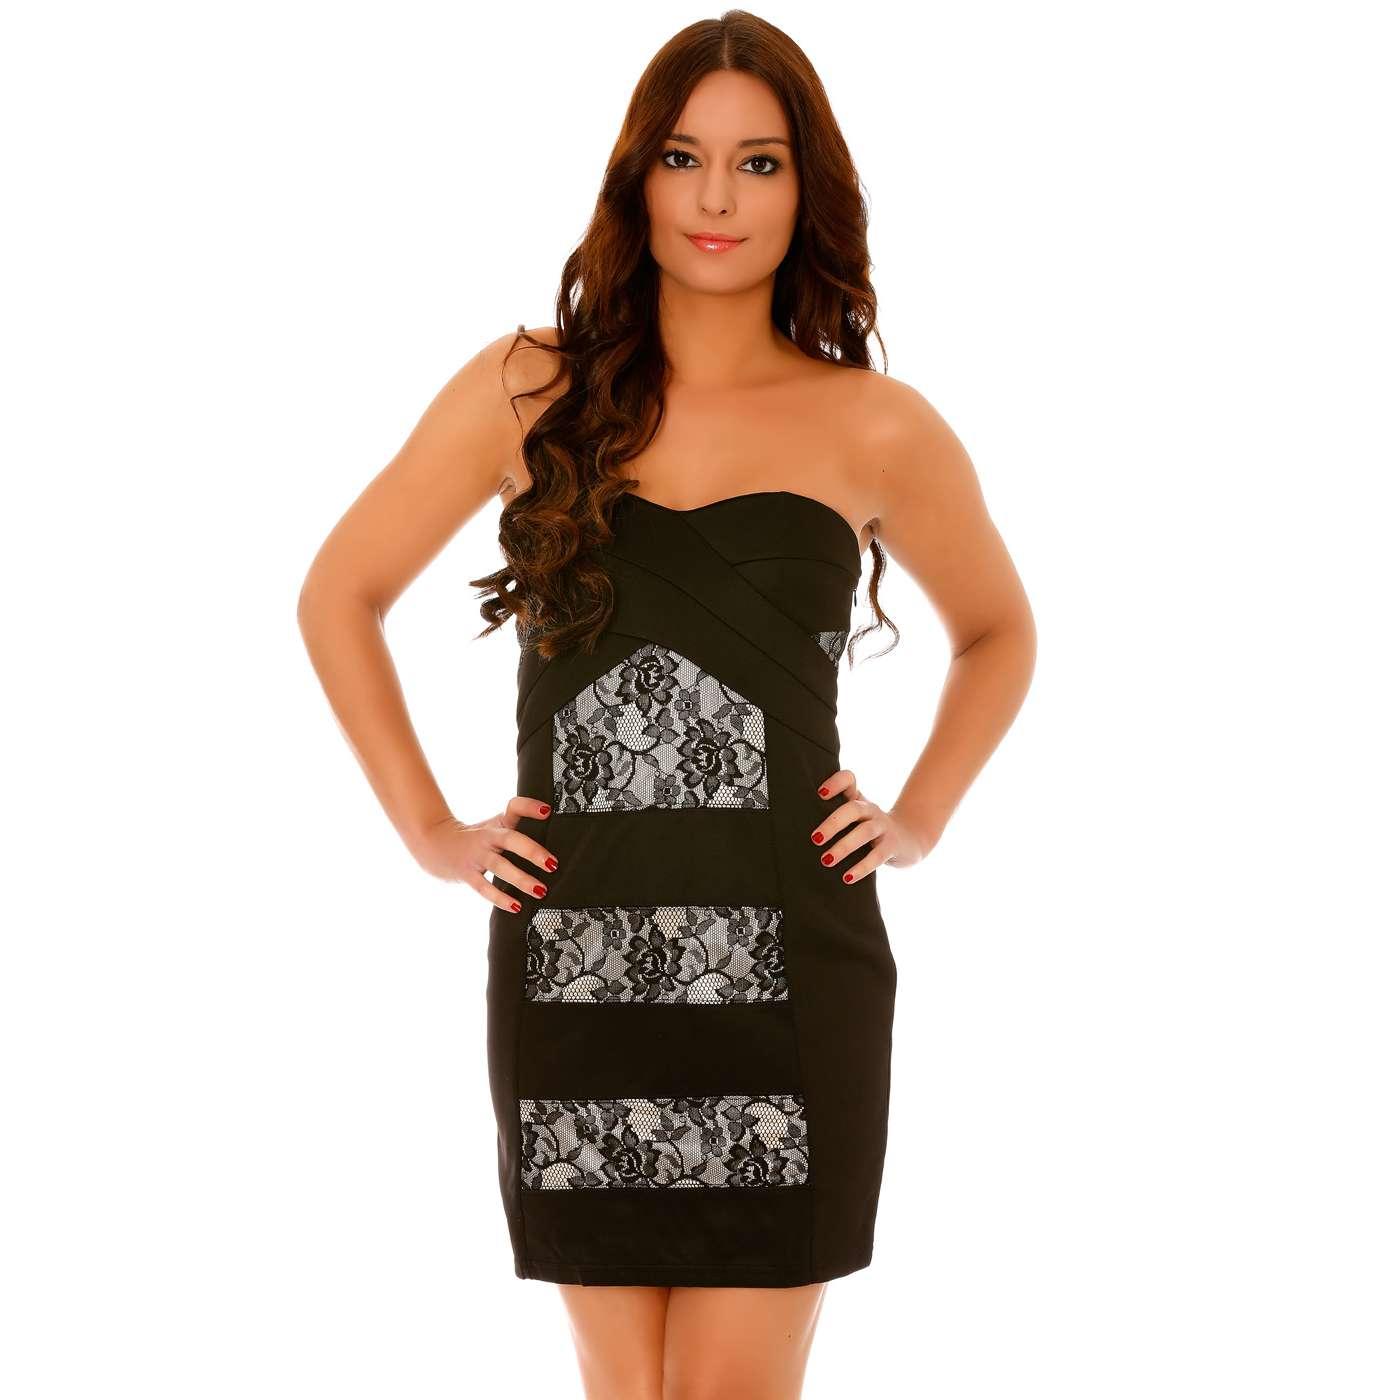 19c82e91964 Produit Neuf - Miss Wear Line - Robe de soirée bustier courte noire style  bandage à empiècements dentelle